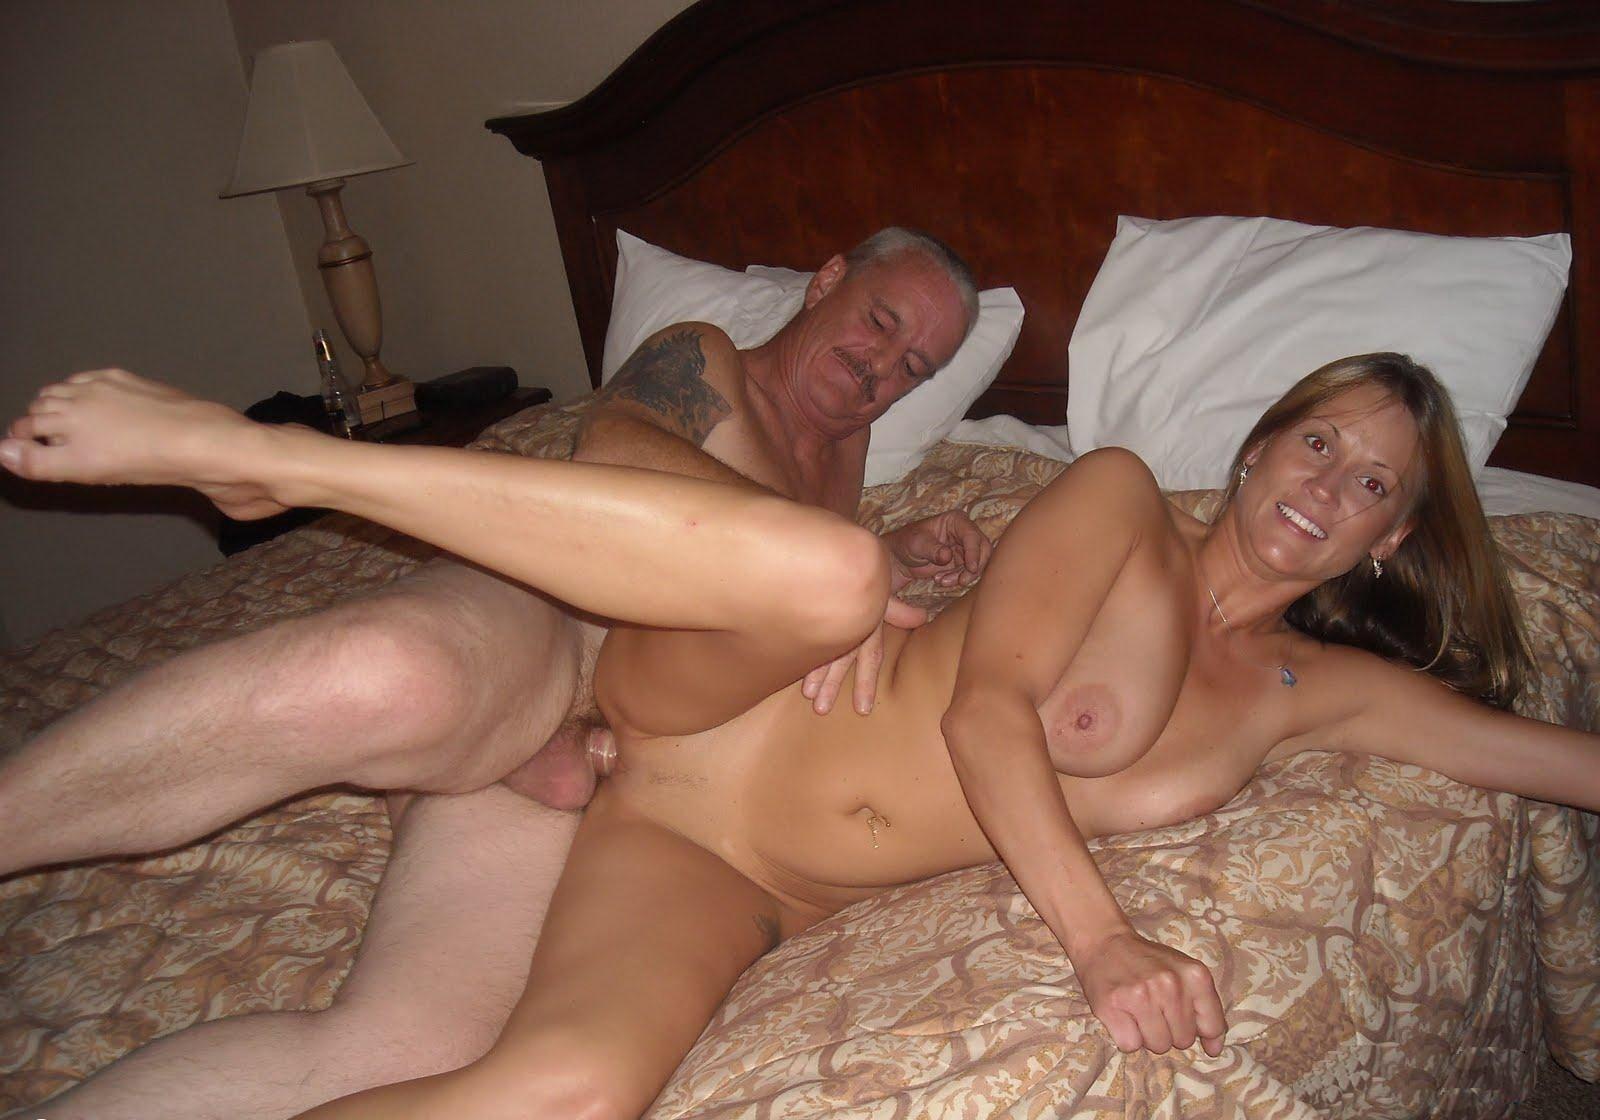 Фотограф снял семейную пару порно, Фотограф помог парочке классно провести первую 14 фотография